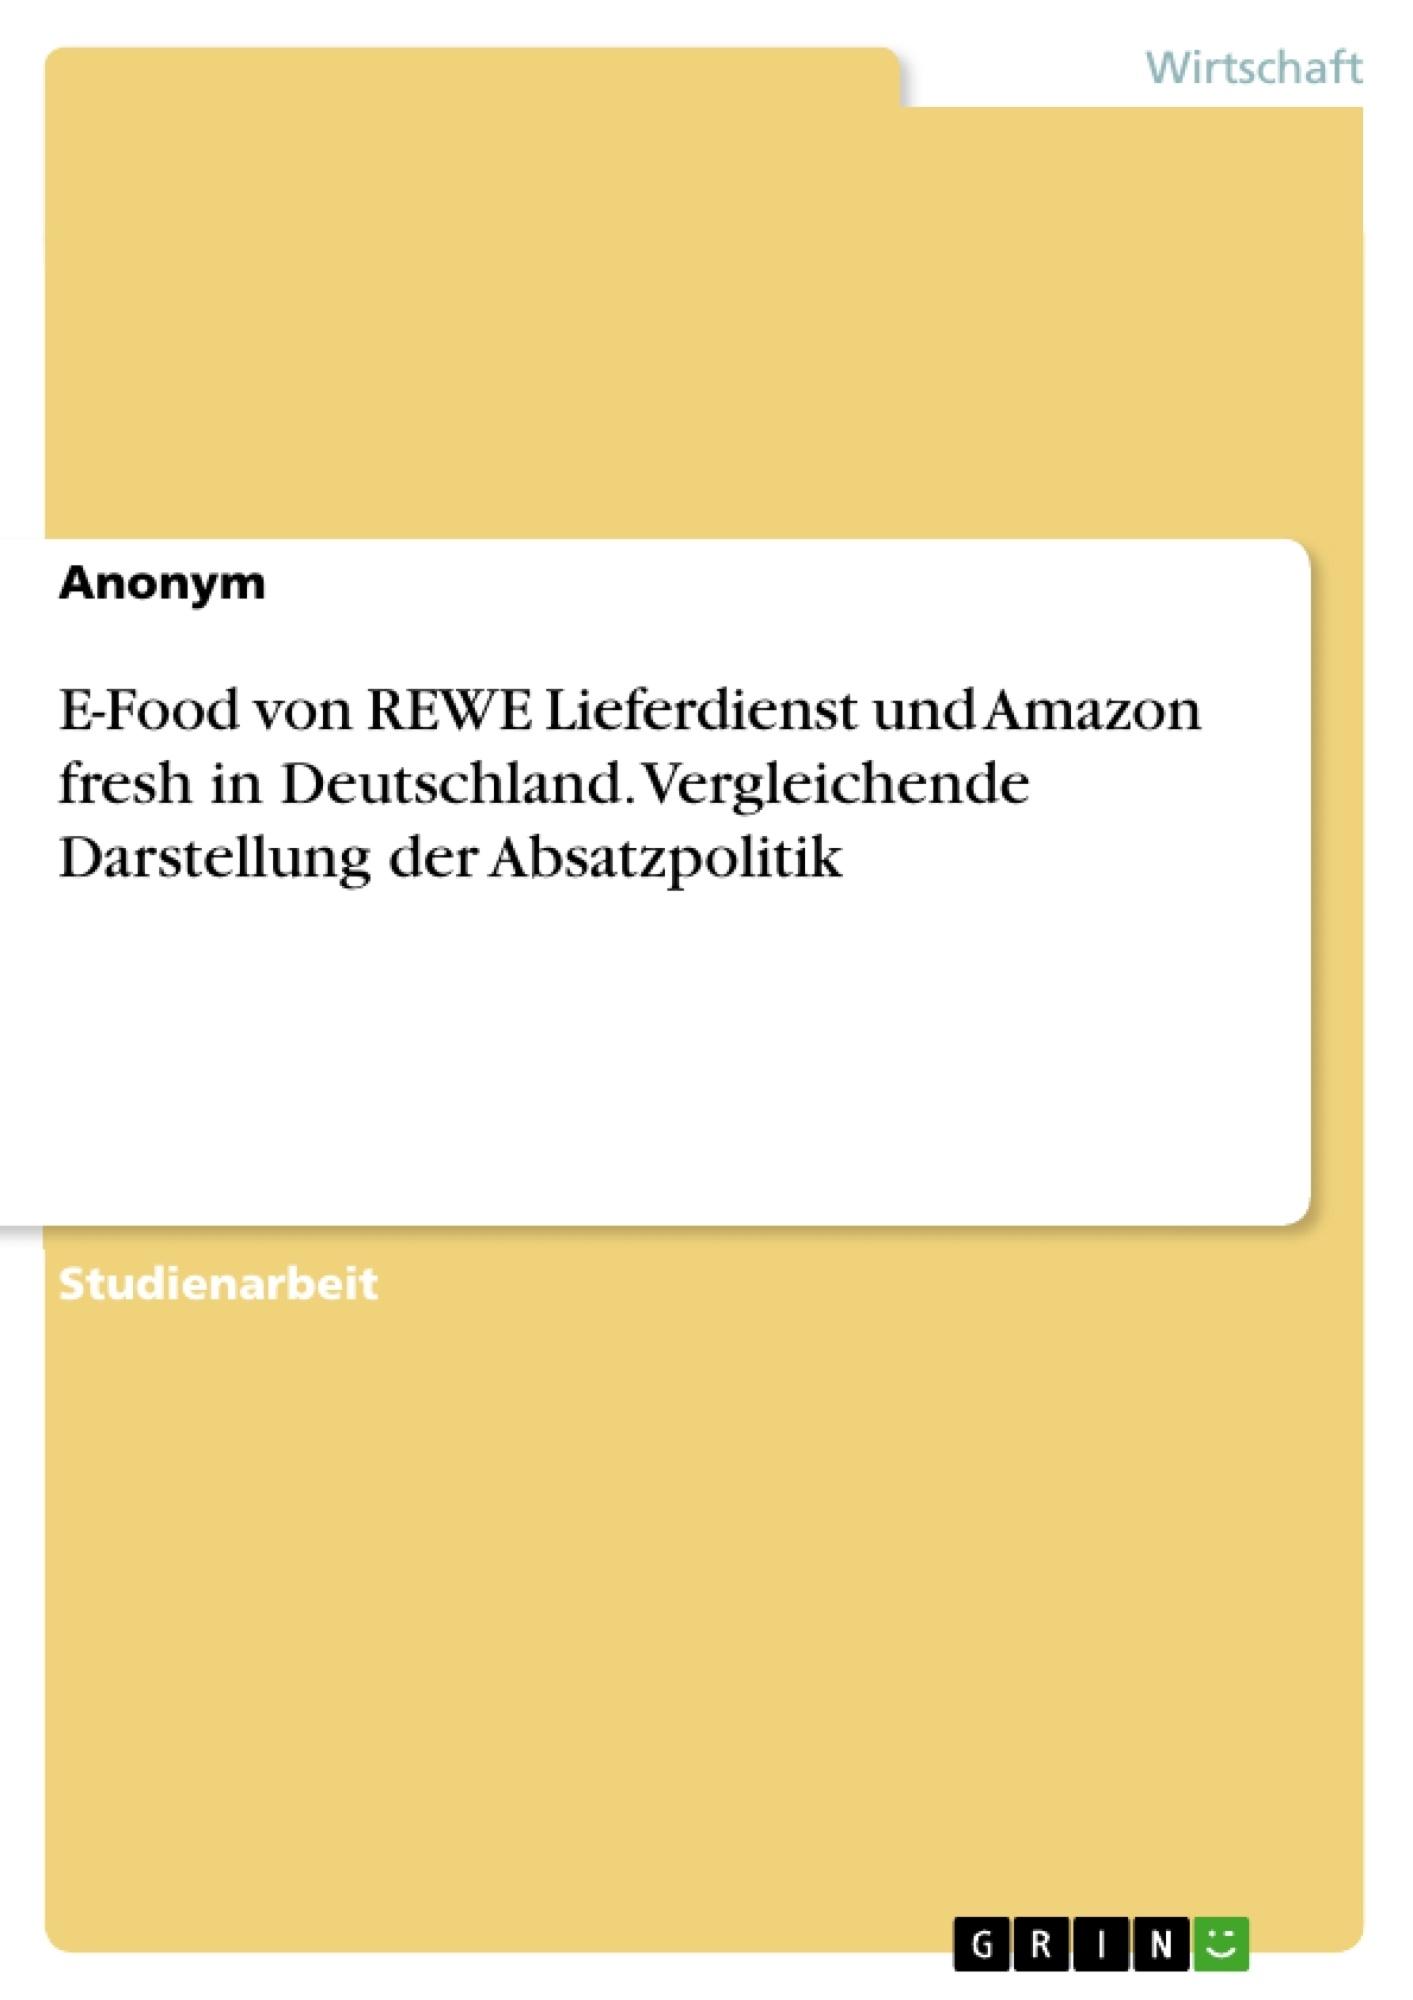 Titel: E-Food von REWE Lieferdienst und Amazon fresh in Deutschland. Vergleichende Darstellung der Absatzpolitik